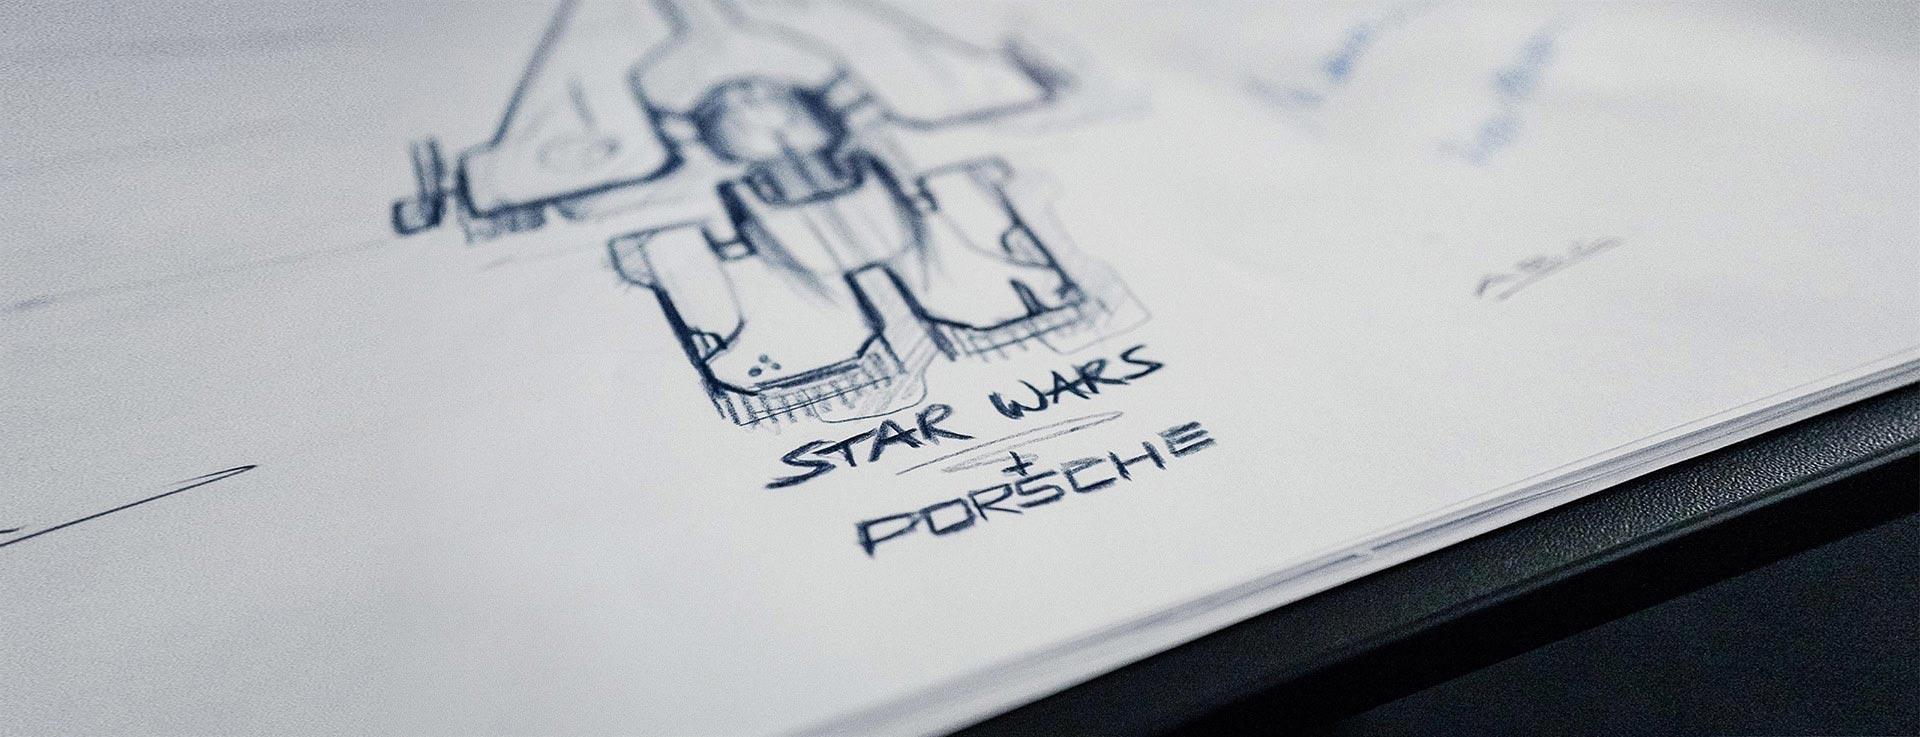 Porsche - Star Wars x Porsche